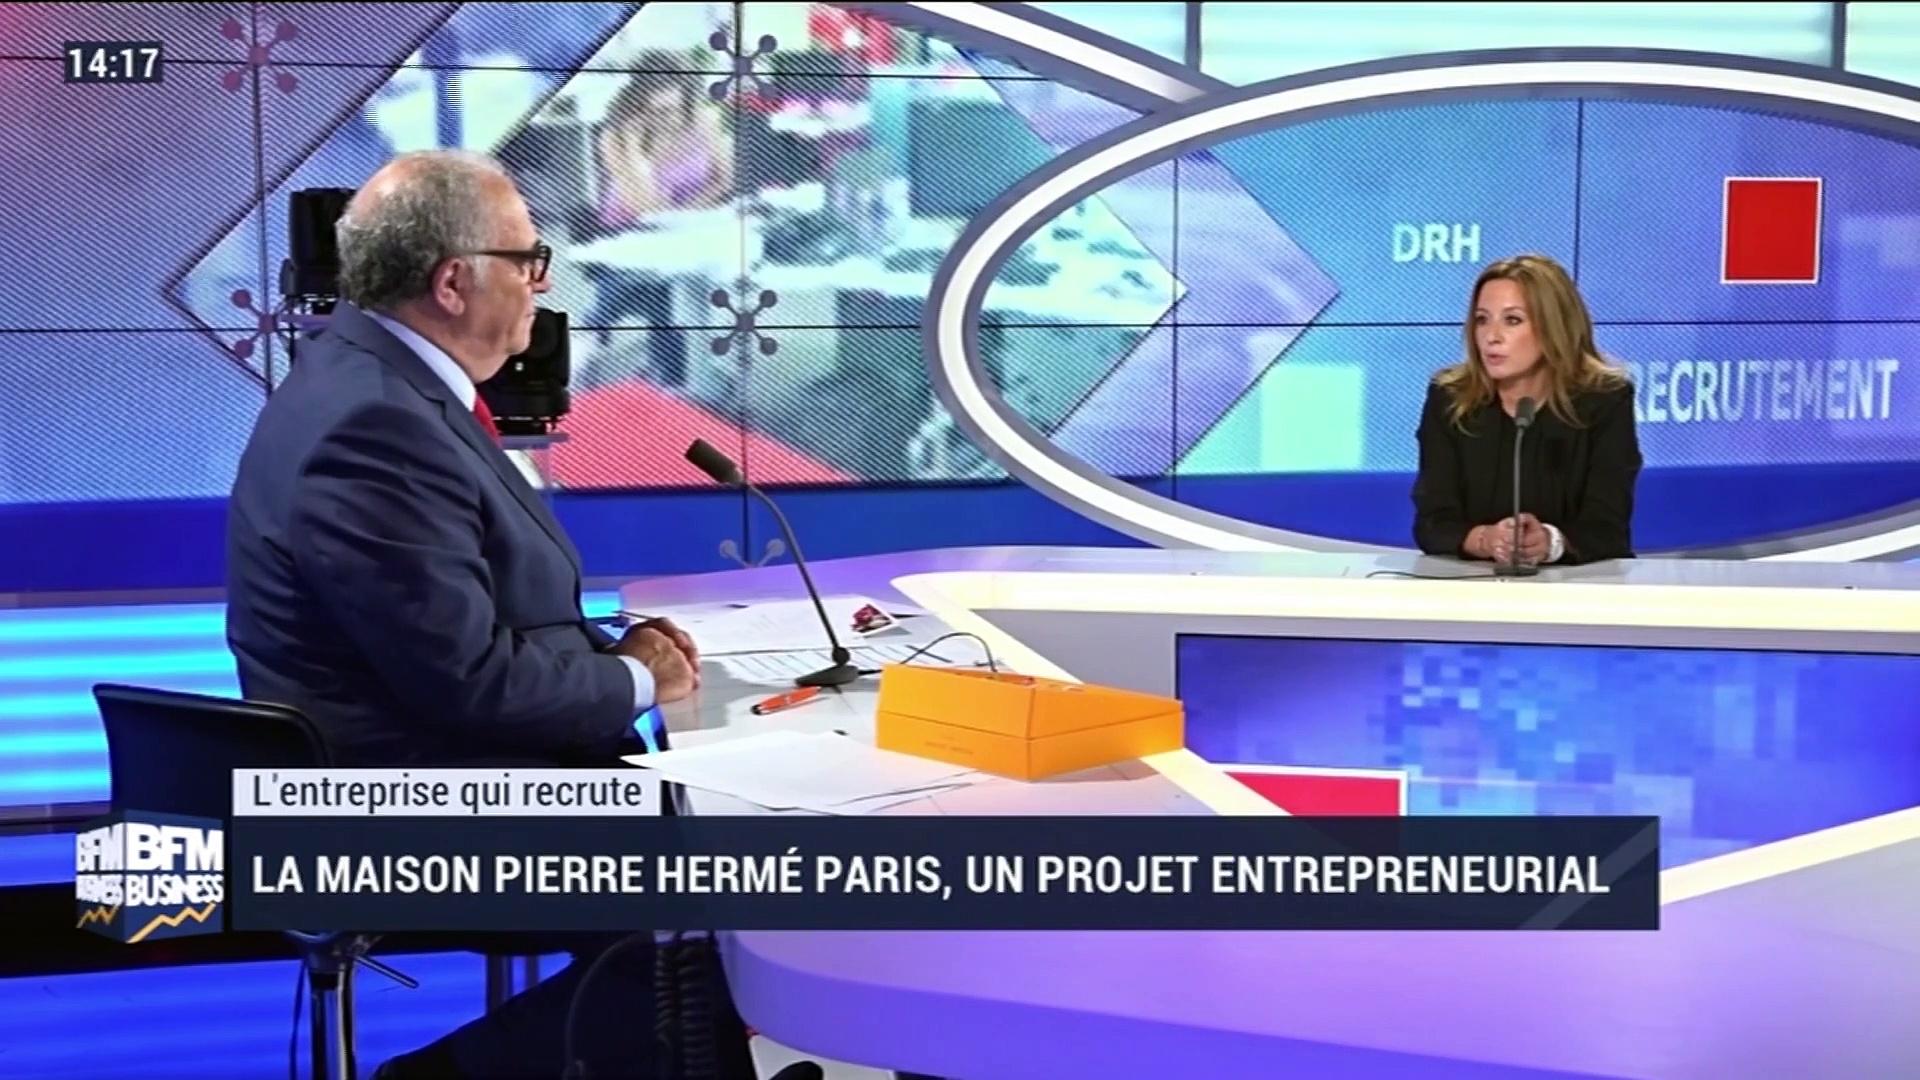 L'entreprise qui recrute: plusieurs postes à pourvoir chez Maison Pierre Hermé Paris – 19/10